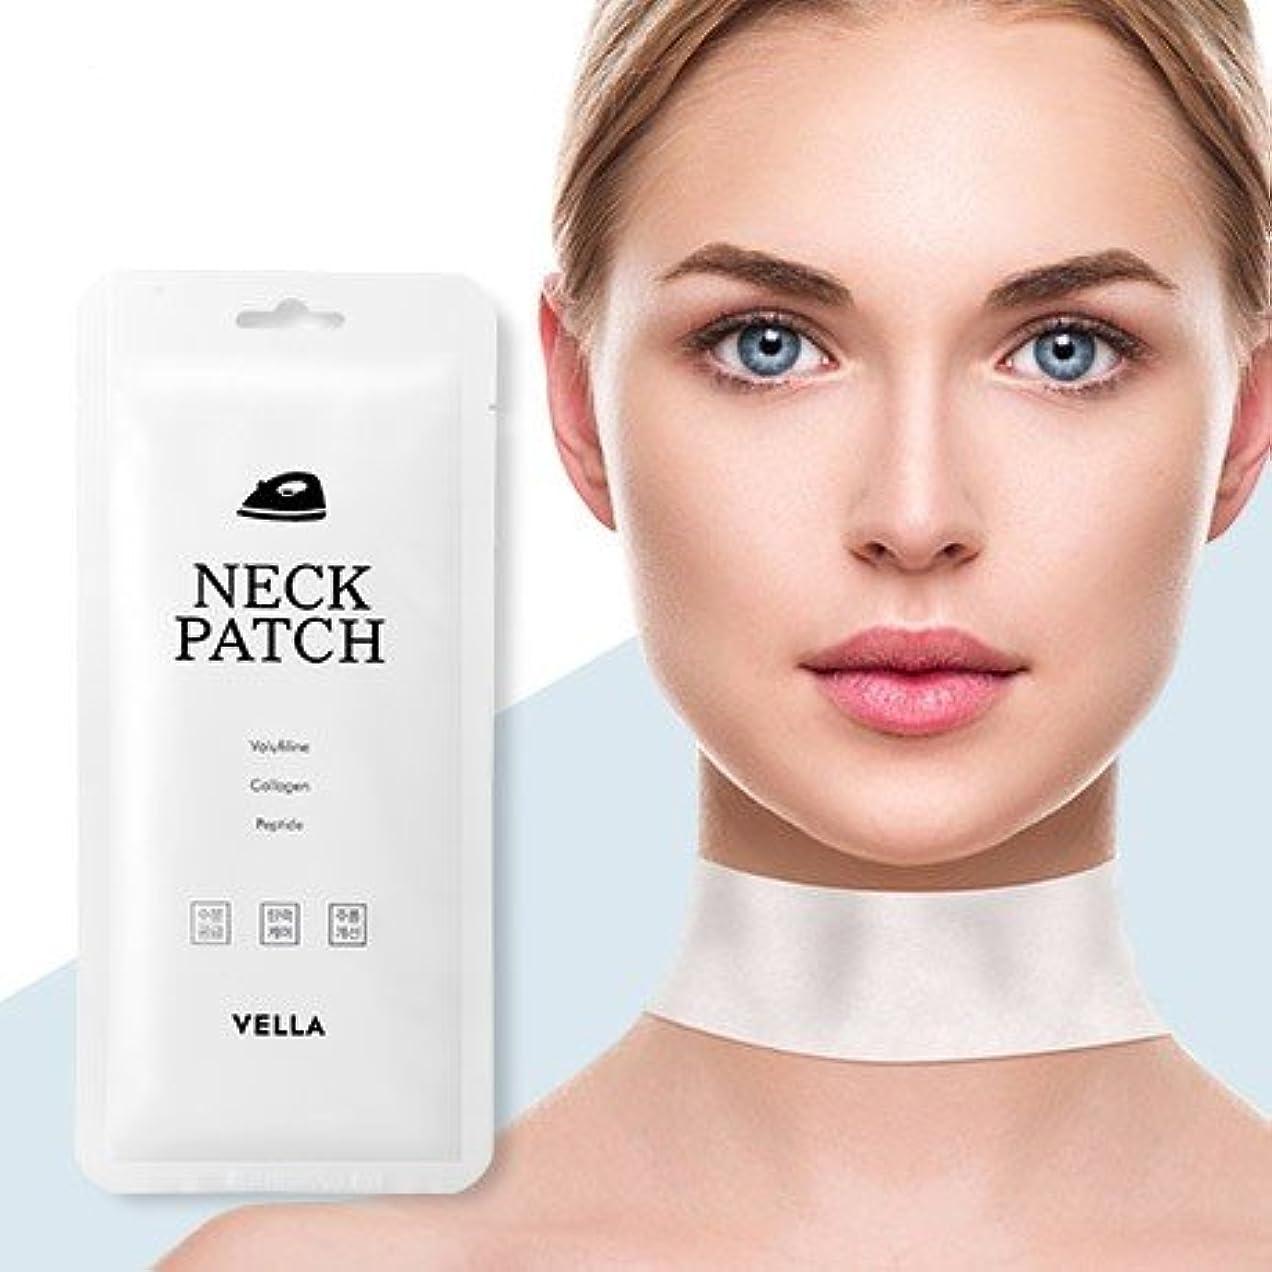 事件、出来事冷ややかな何かVella Neck Patch 5Pcs/Neck Wrinkle Care/Korea Cosmetics